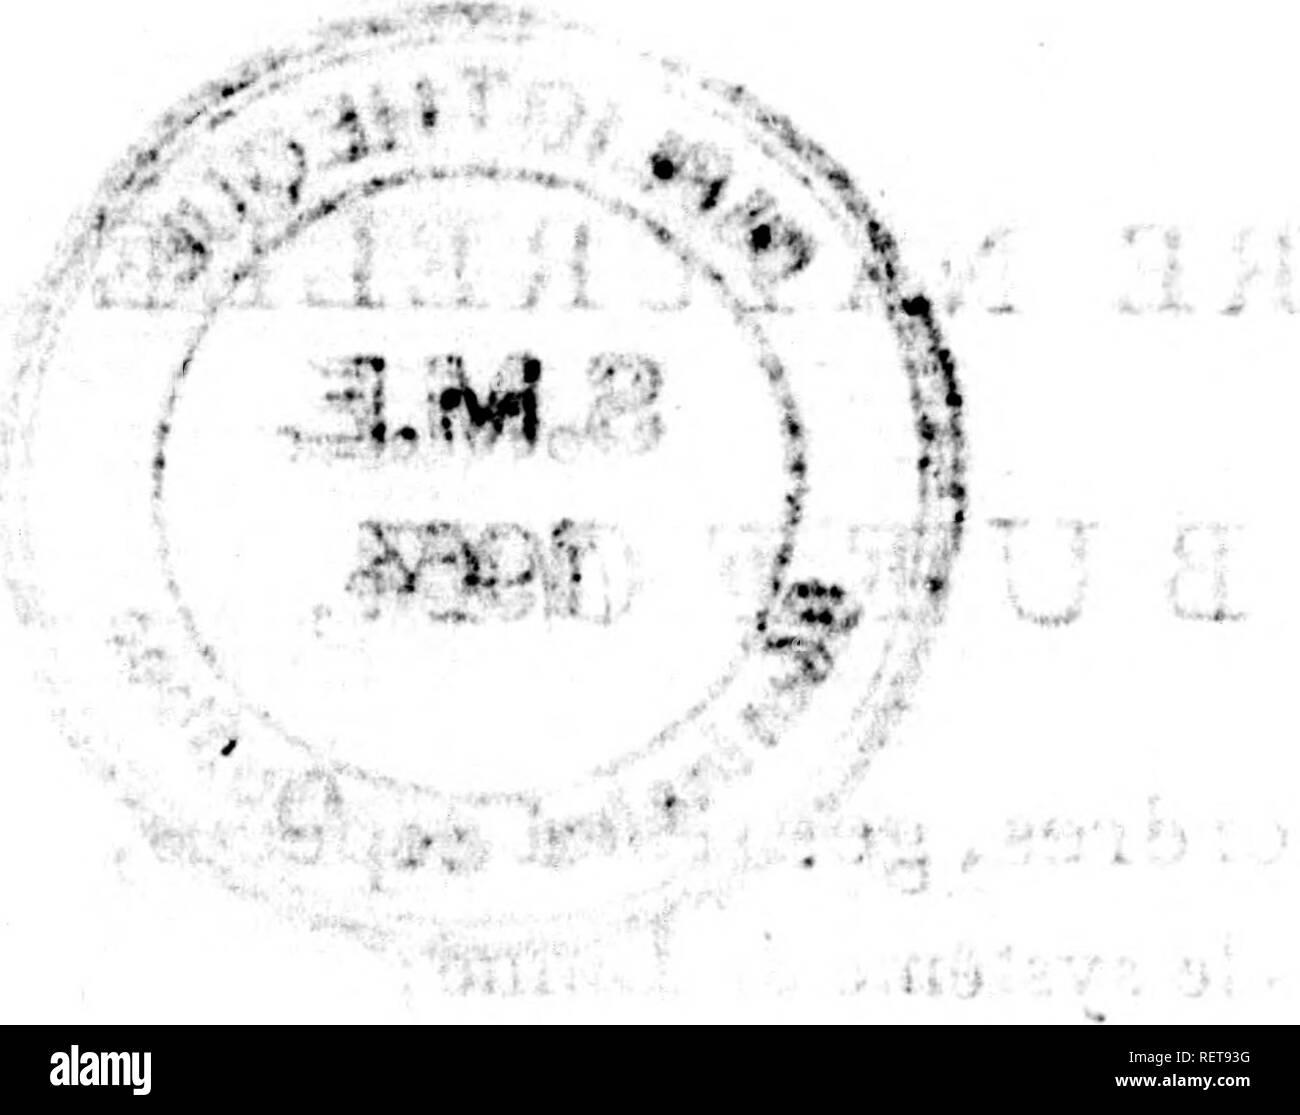 """. Histoire naturelle de Buffon [microforme] : classée par ordres, genres et espèces, d'après le système de Linné avec les caractères géné riques et la nomenclature Linnéenne. Sciences naturelles; Ornithologie; Natural history; Ornithology. r*^ """" â """"*⢠»*'â¢?»â¦'» """" ' â > â . â¢. f. » .. â r, ,.f , ,j.. """"l f â¢*. '/-it.' .^â¢.Â«Â«fÂ«Â«(i.. , 3l*U-.;îi' -'i/'l ^.. *'.- H â > 't. t ; .il. ; * /â t » .U 4 .* . ' .*J^» ,..â¢*,Â« i !â - i , (.. Please note that these images are extracted from scanned page images that may have been digitally enhanced for rea - Stock Image"""